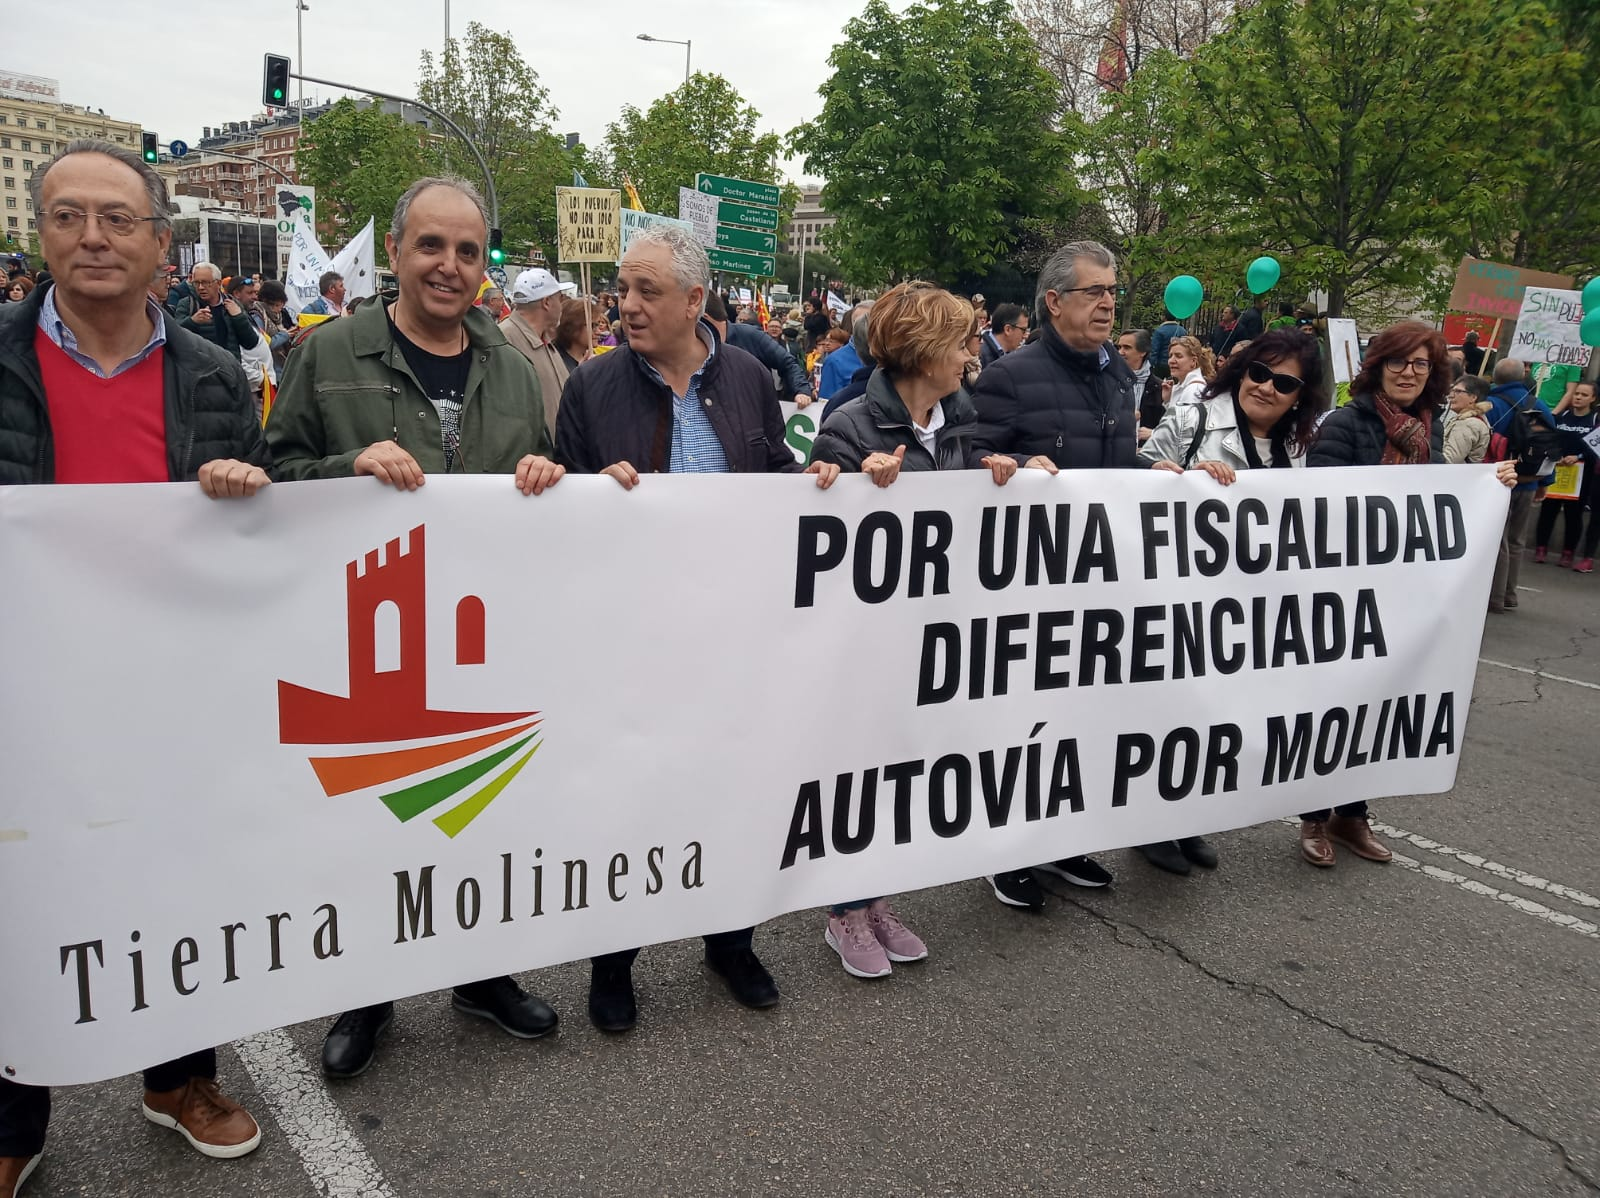 Tierra Molinesa defiende una fiscalidad diferenciada en la Revuelta de la España Vaciada